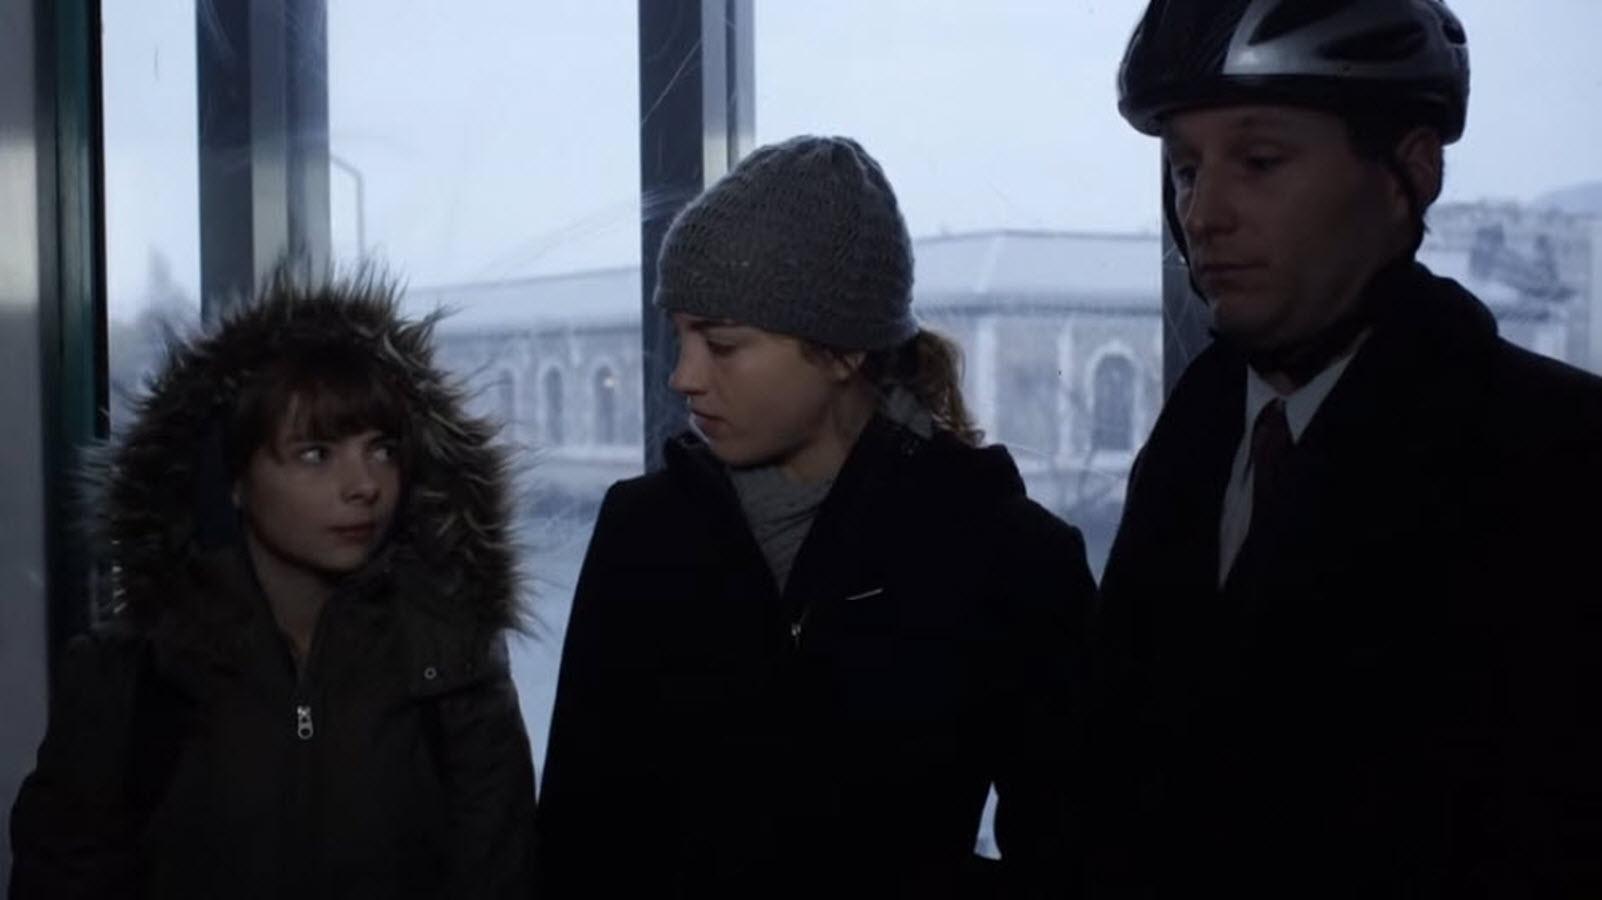 Adèle Haenel, Paolina Biguine, and Raphael Baunaquis in Déchaînées (2009)